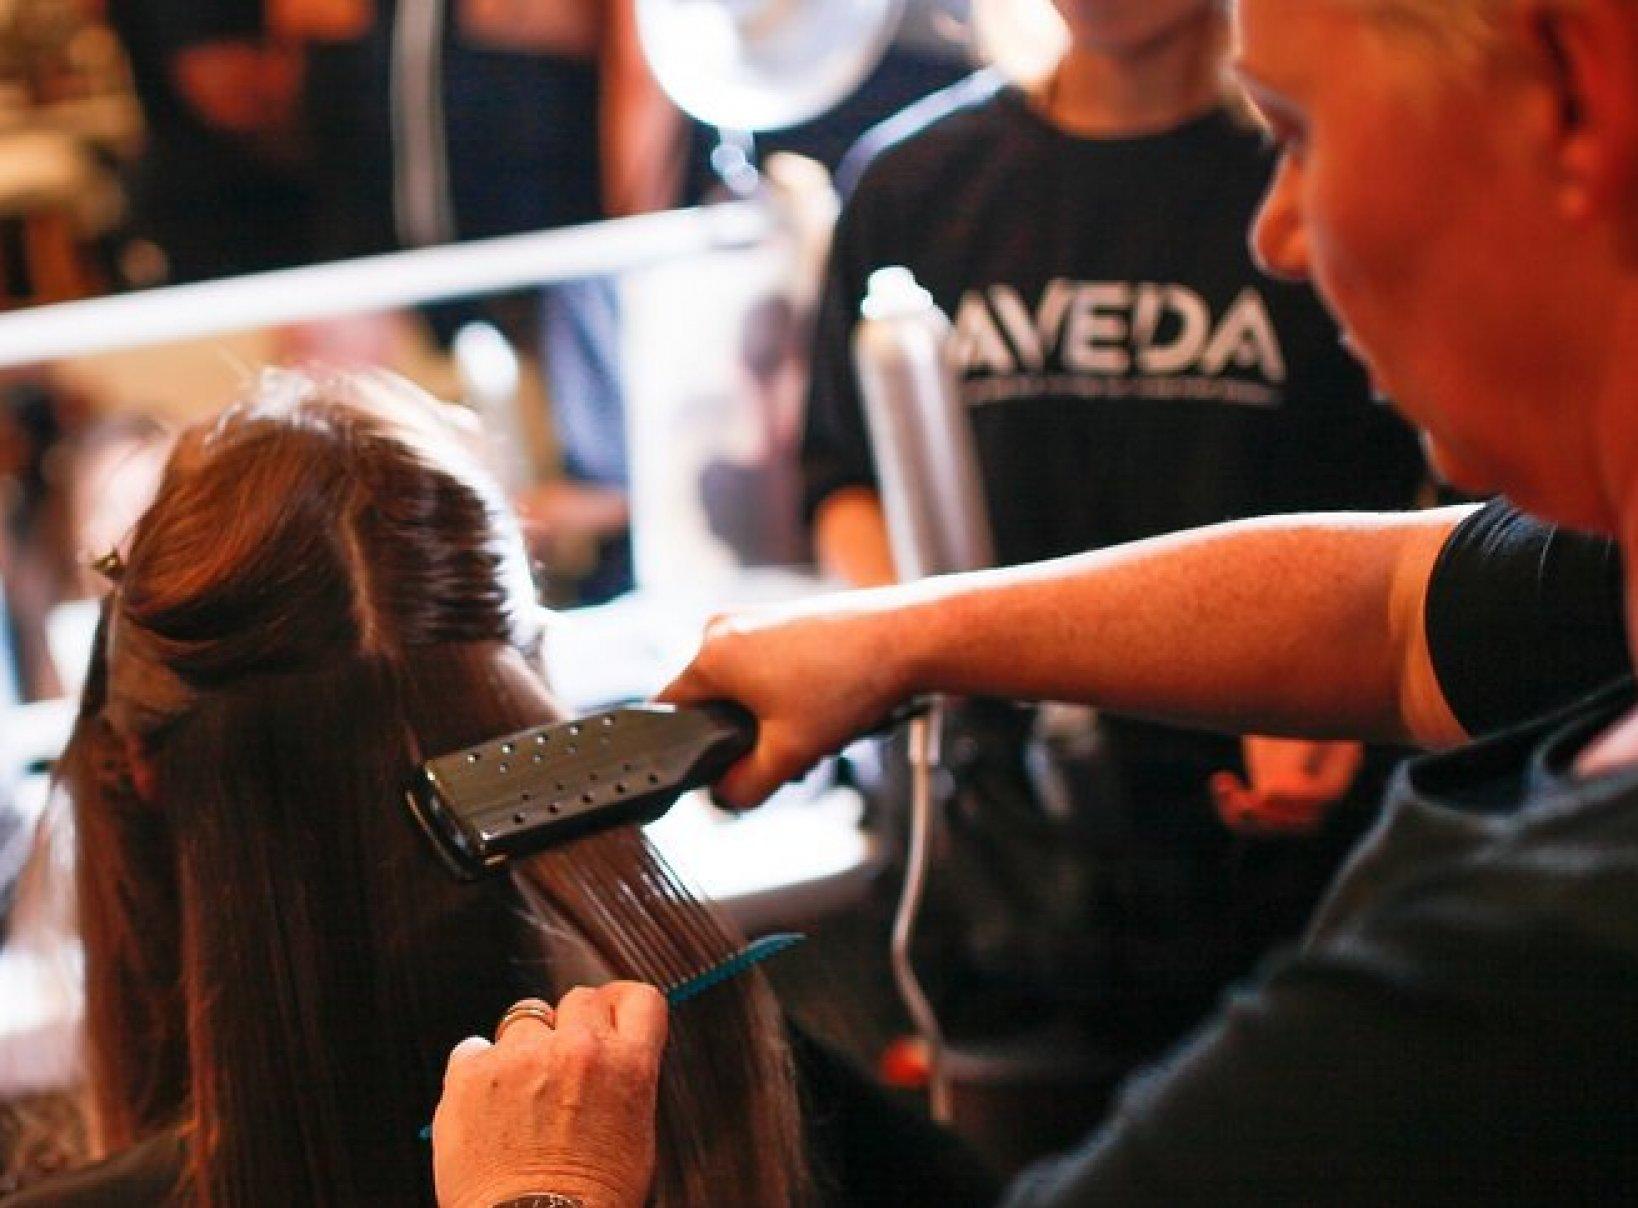 Regeneracja Włosów U Fryzjera Oto Najpopularniejsze Profesjonalne